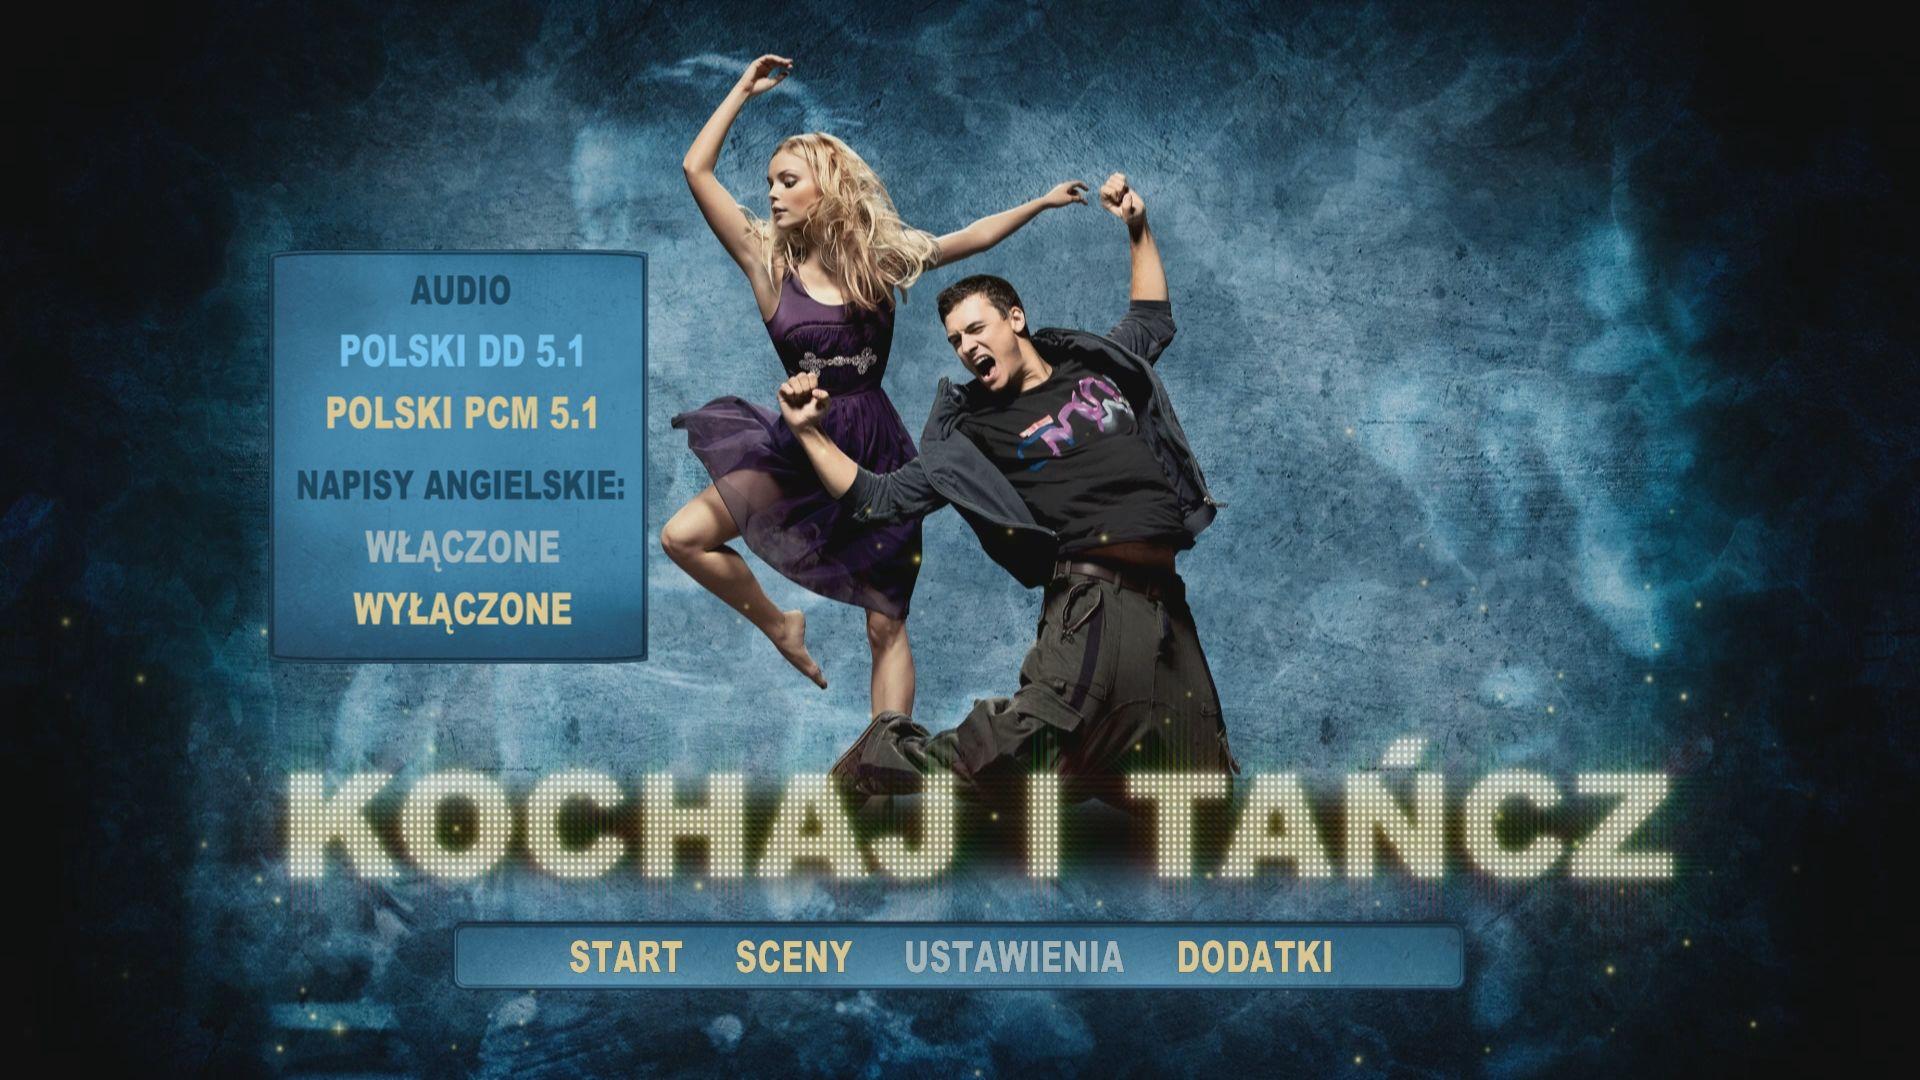 სიყვარული და ცეკვა / Kochaj i Tancz